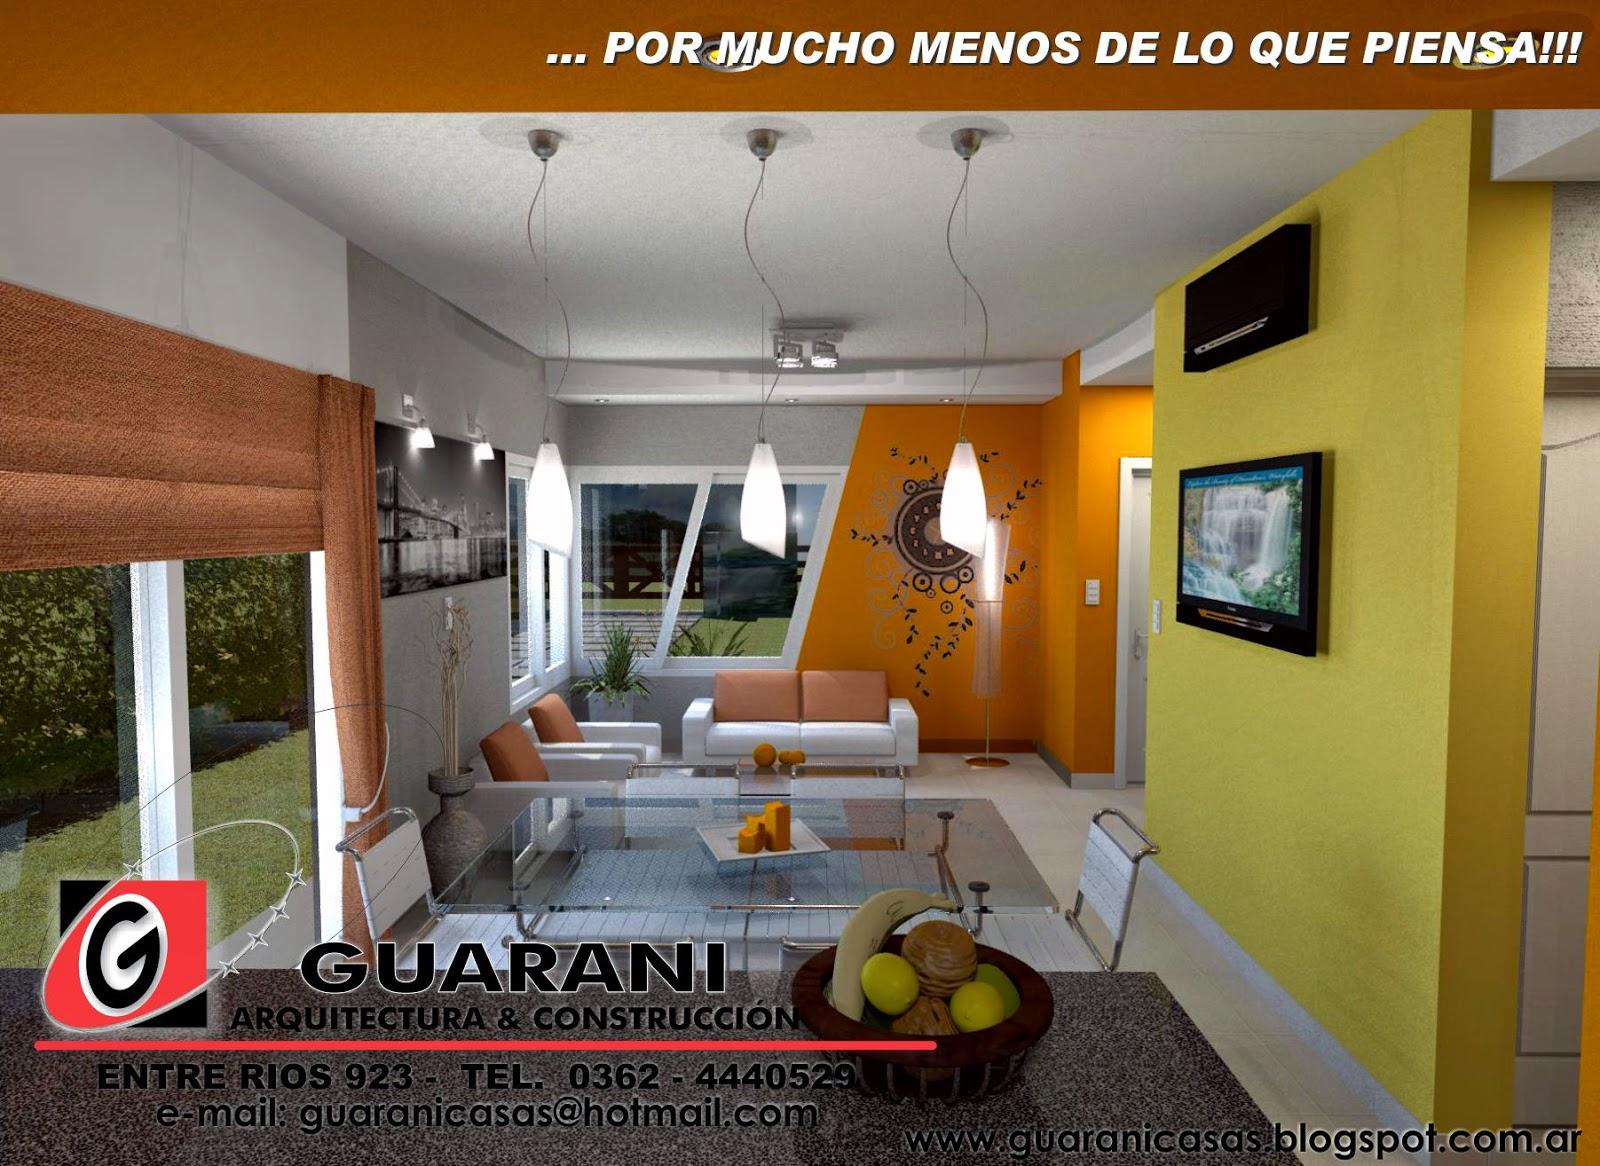 Arquitectura y construccion casa nueva de marco - Estudio de interiores ...